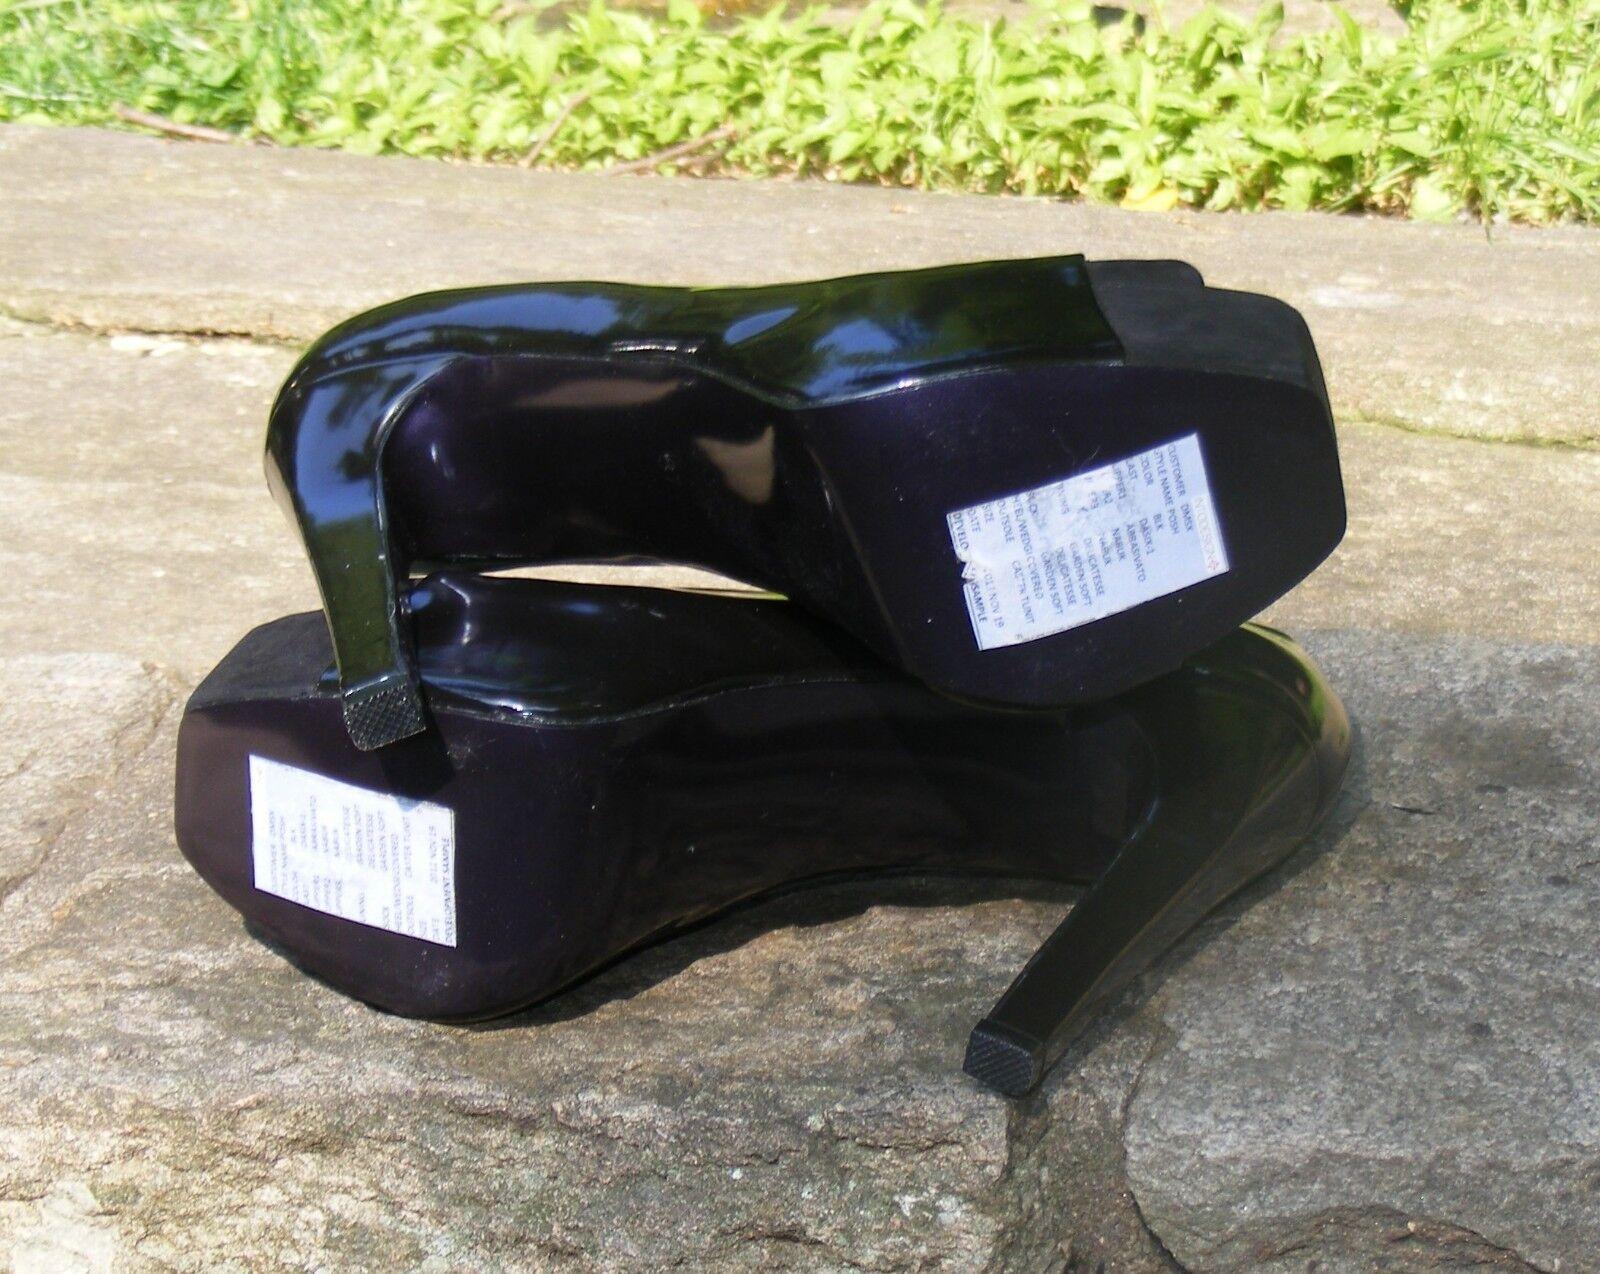 DONALD J PLINER PLATFORM HEELS, HEELS, HEELS, Black Brush Leather Nubuck Open Toe High Heel 37 e459c9